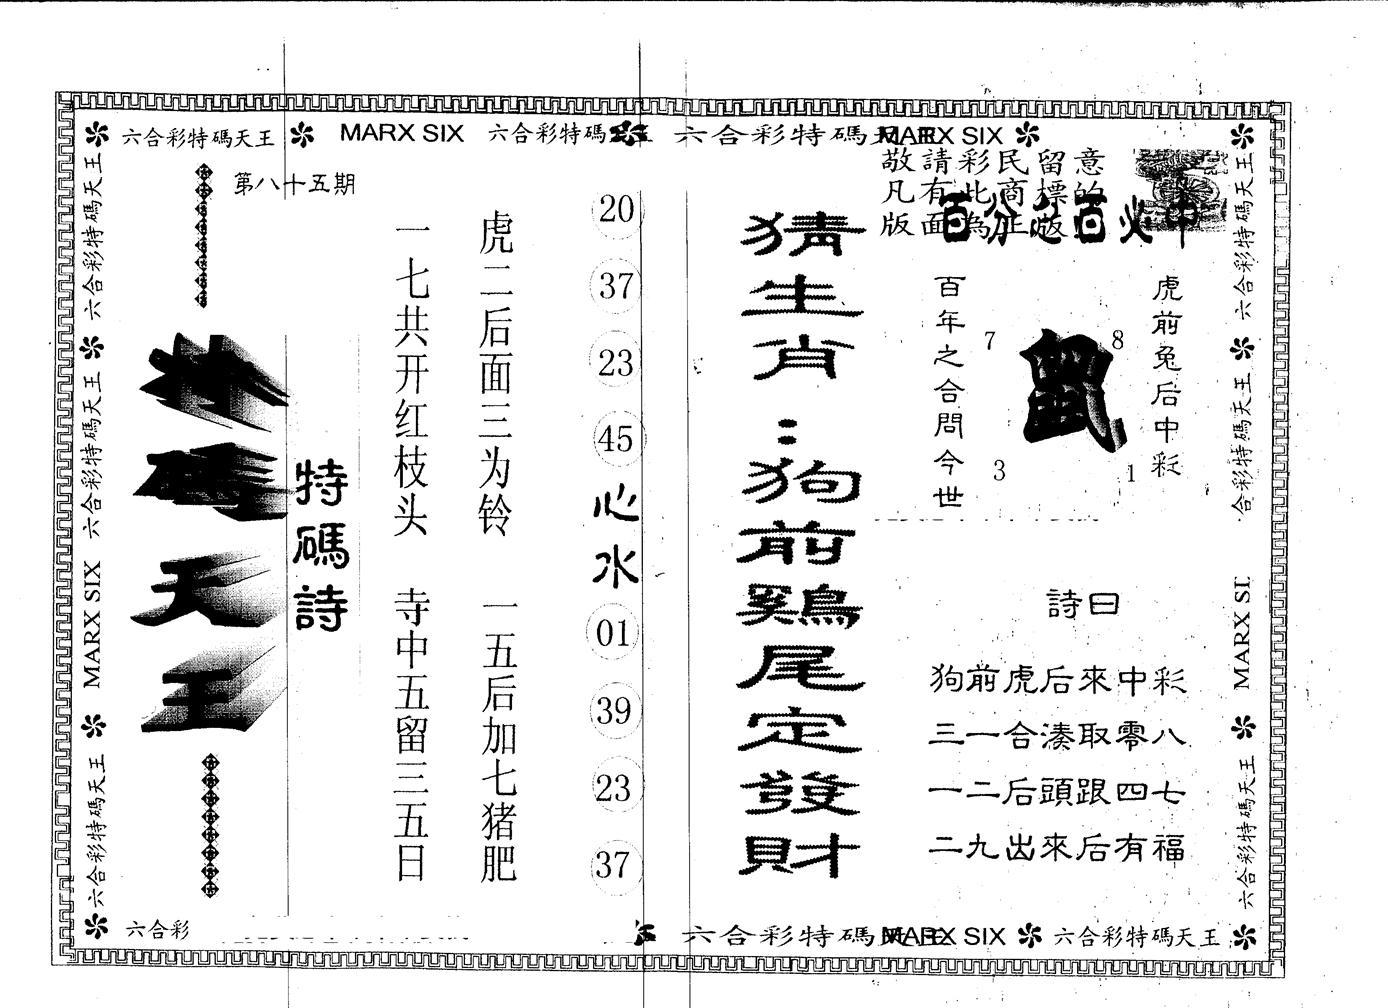 085期另版特码天王(黑白)